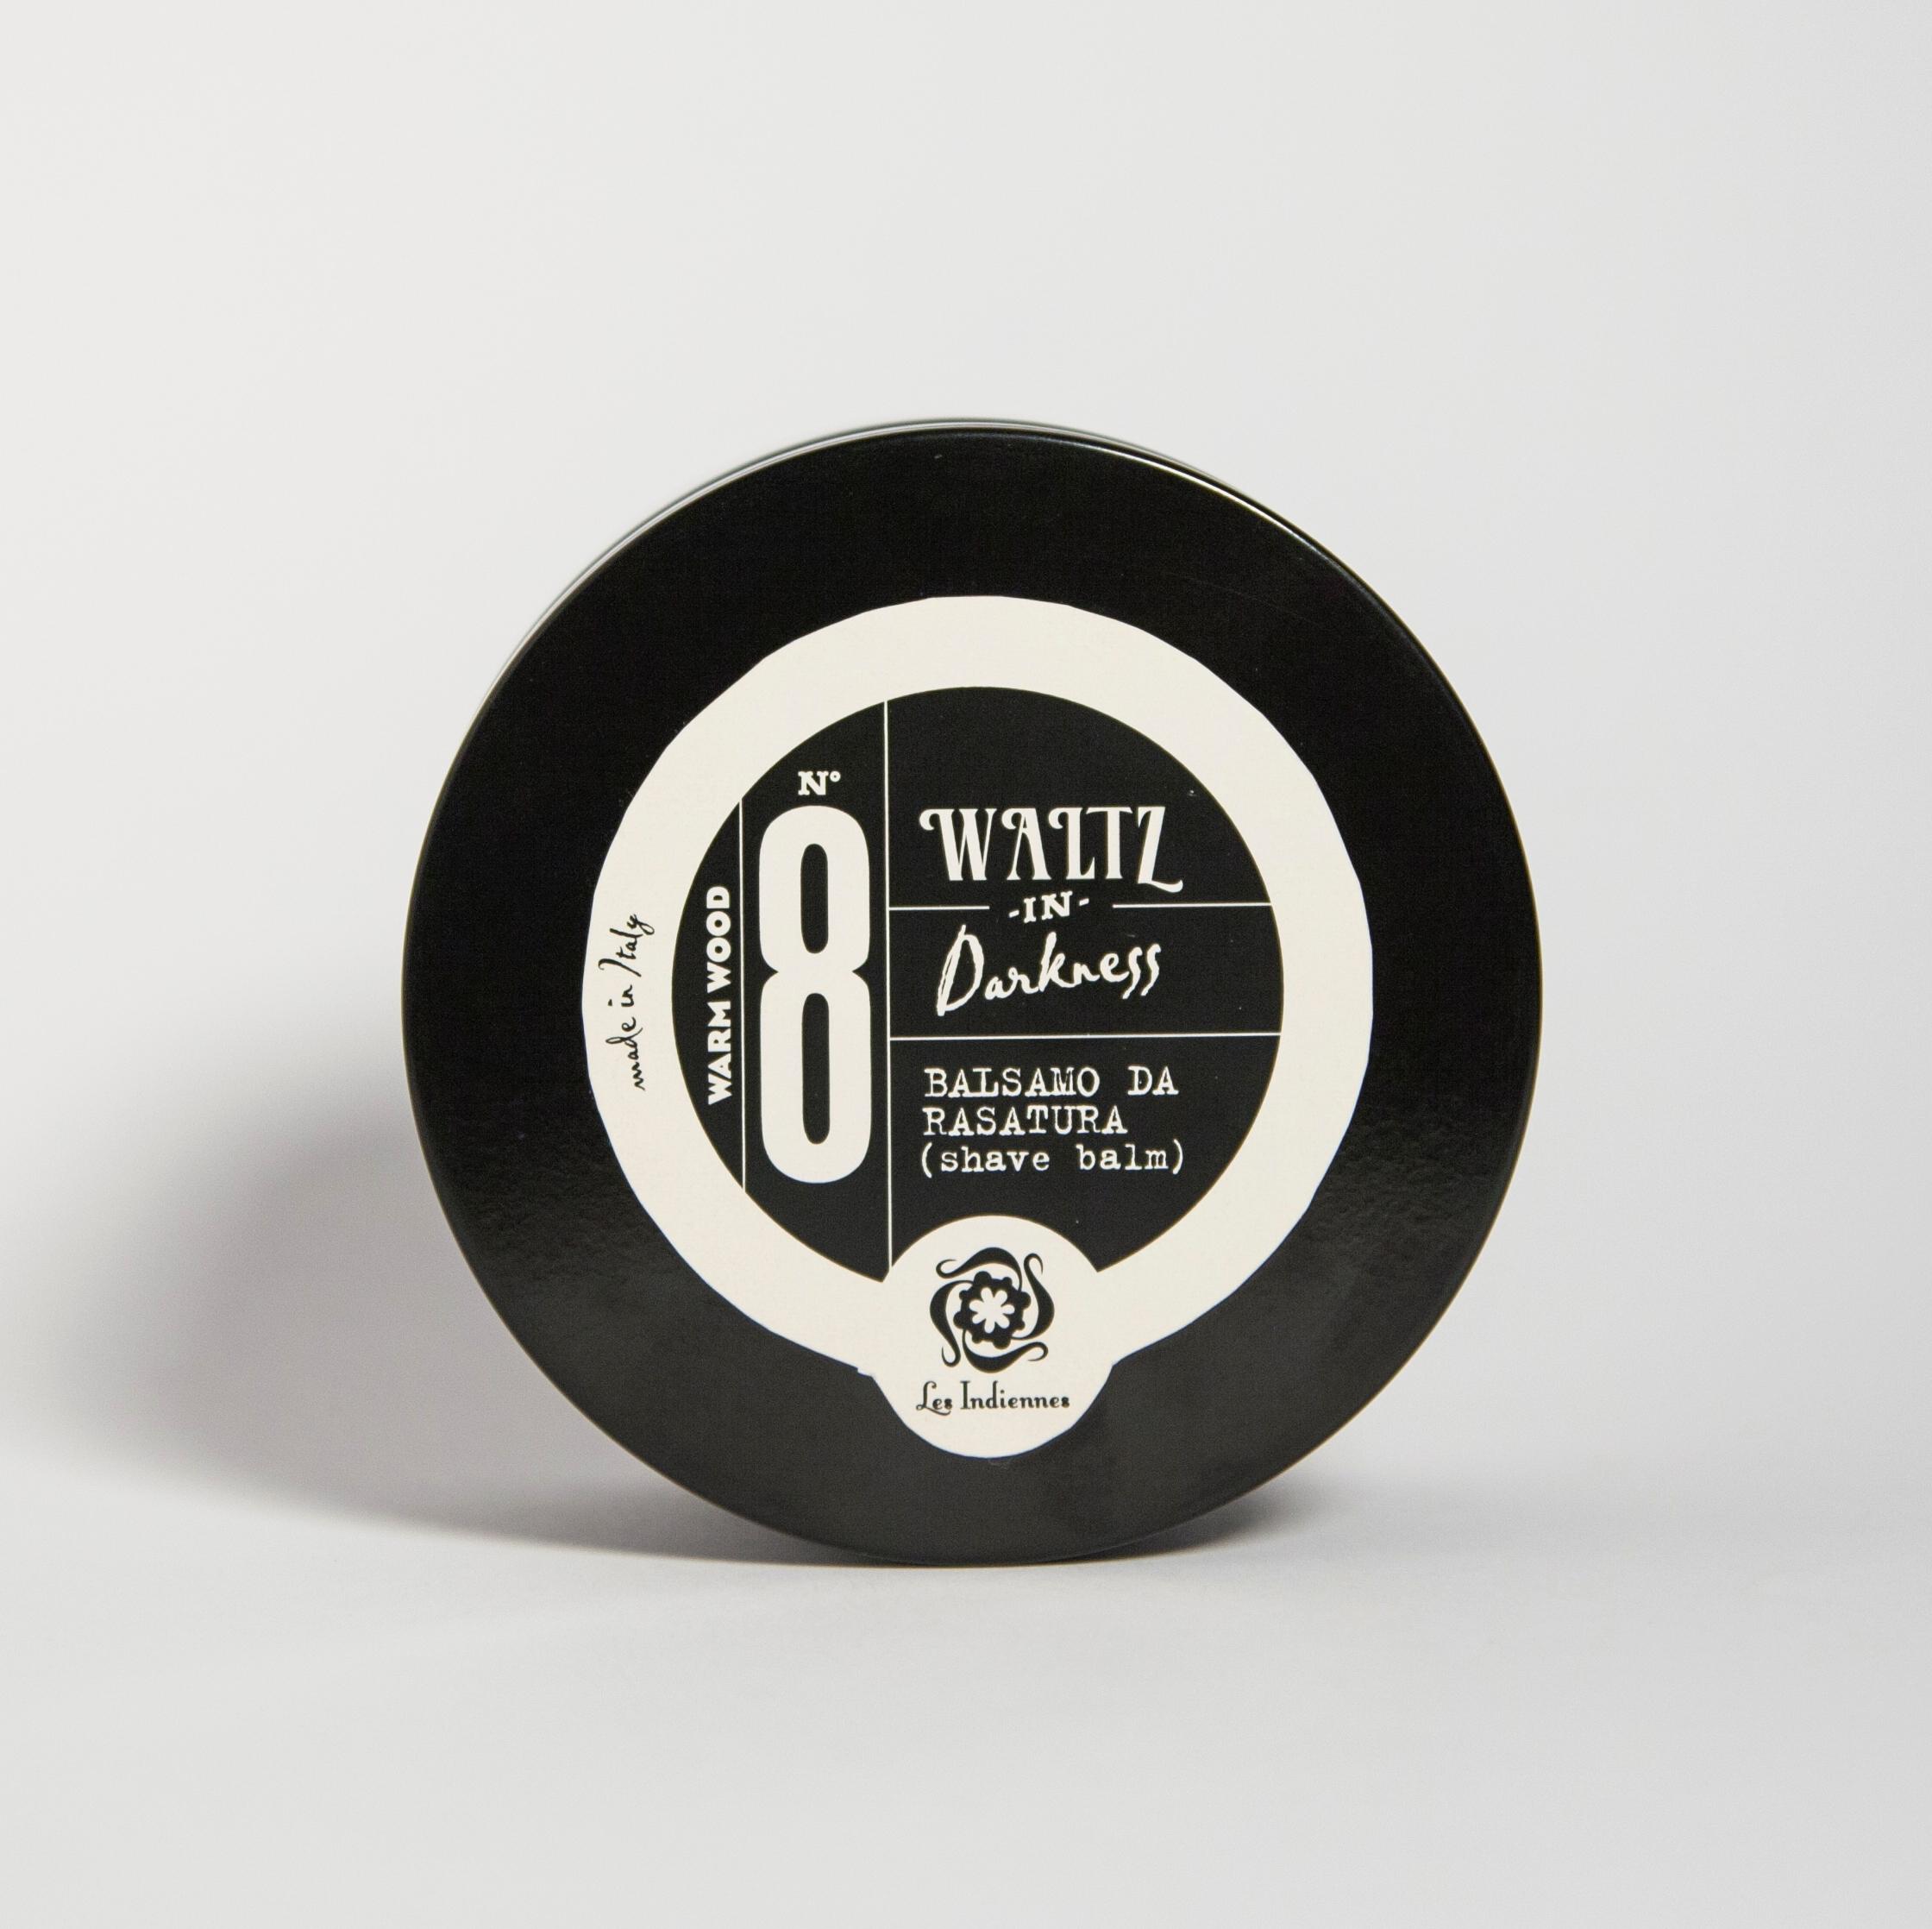 N°8-Waltz-in-Darkness-Shave-balm